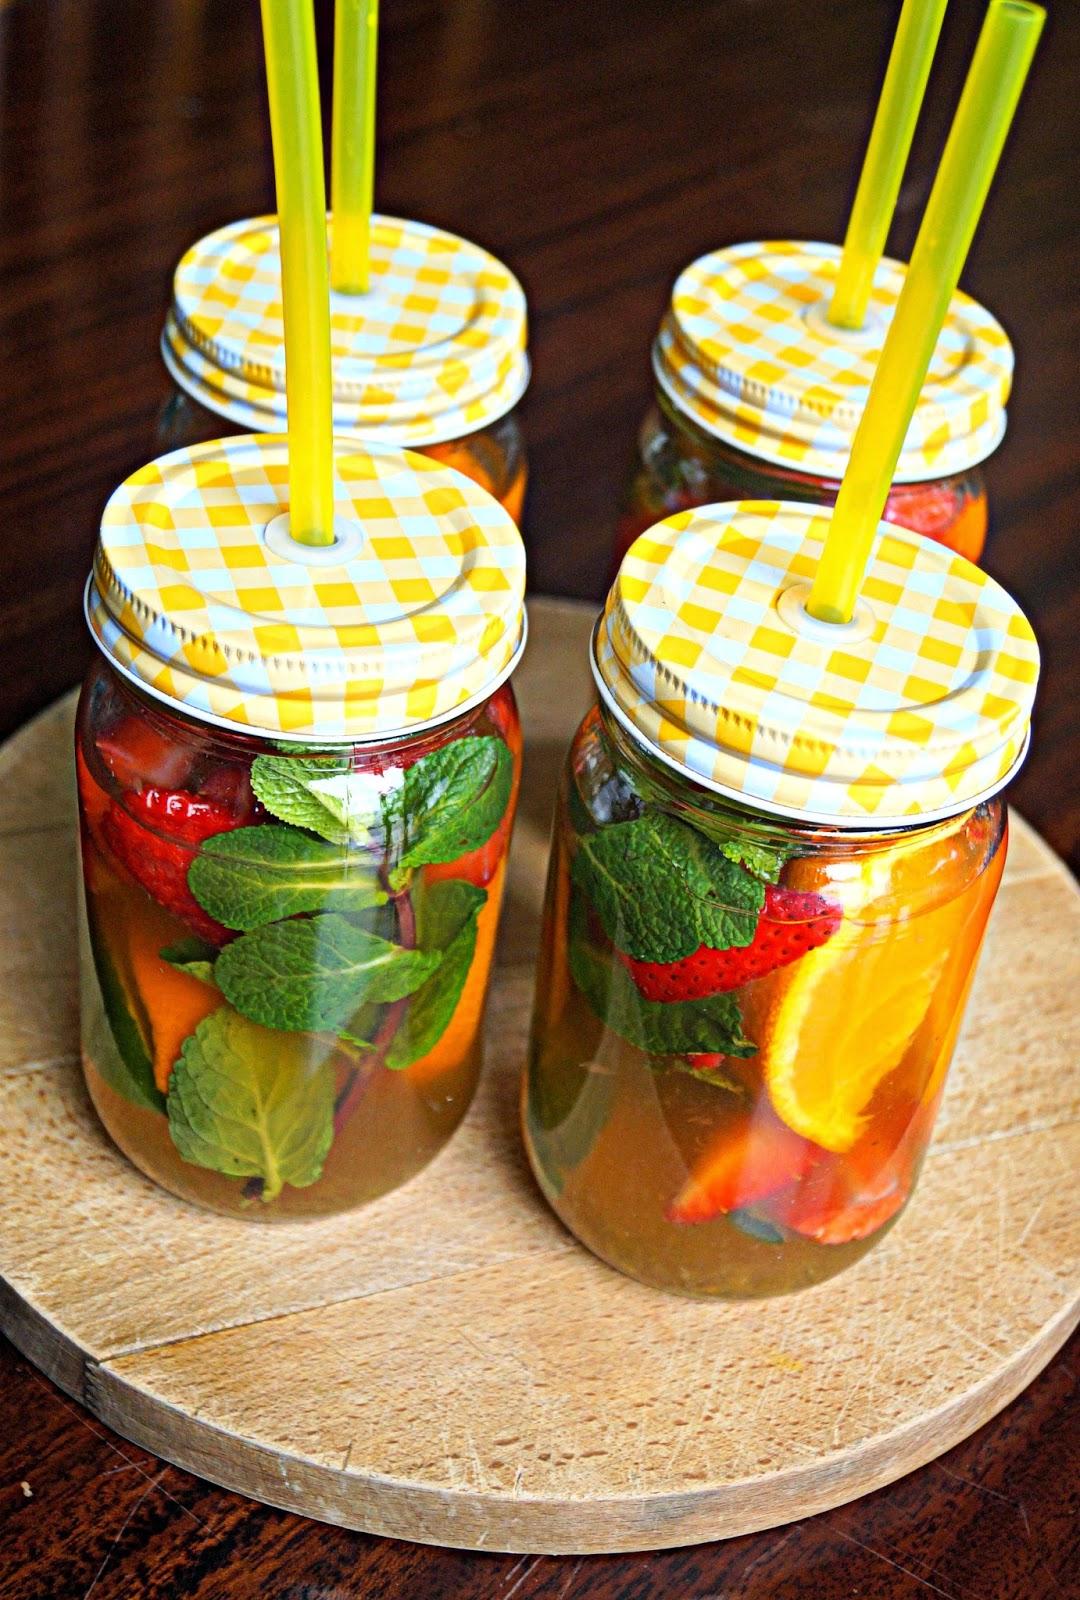 http://cupcakeluvs.blogspot.dk/2015/02/forar-summer-snart-drink-spring-summer.html